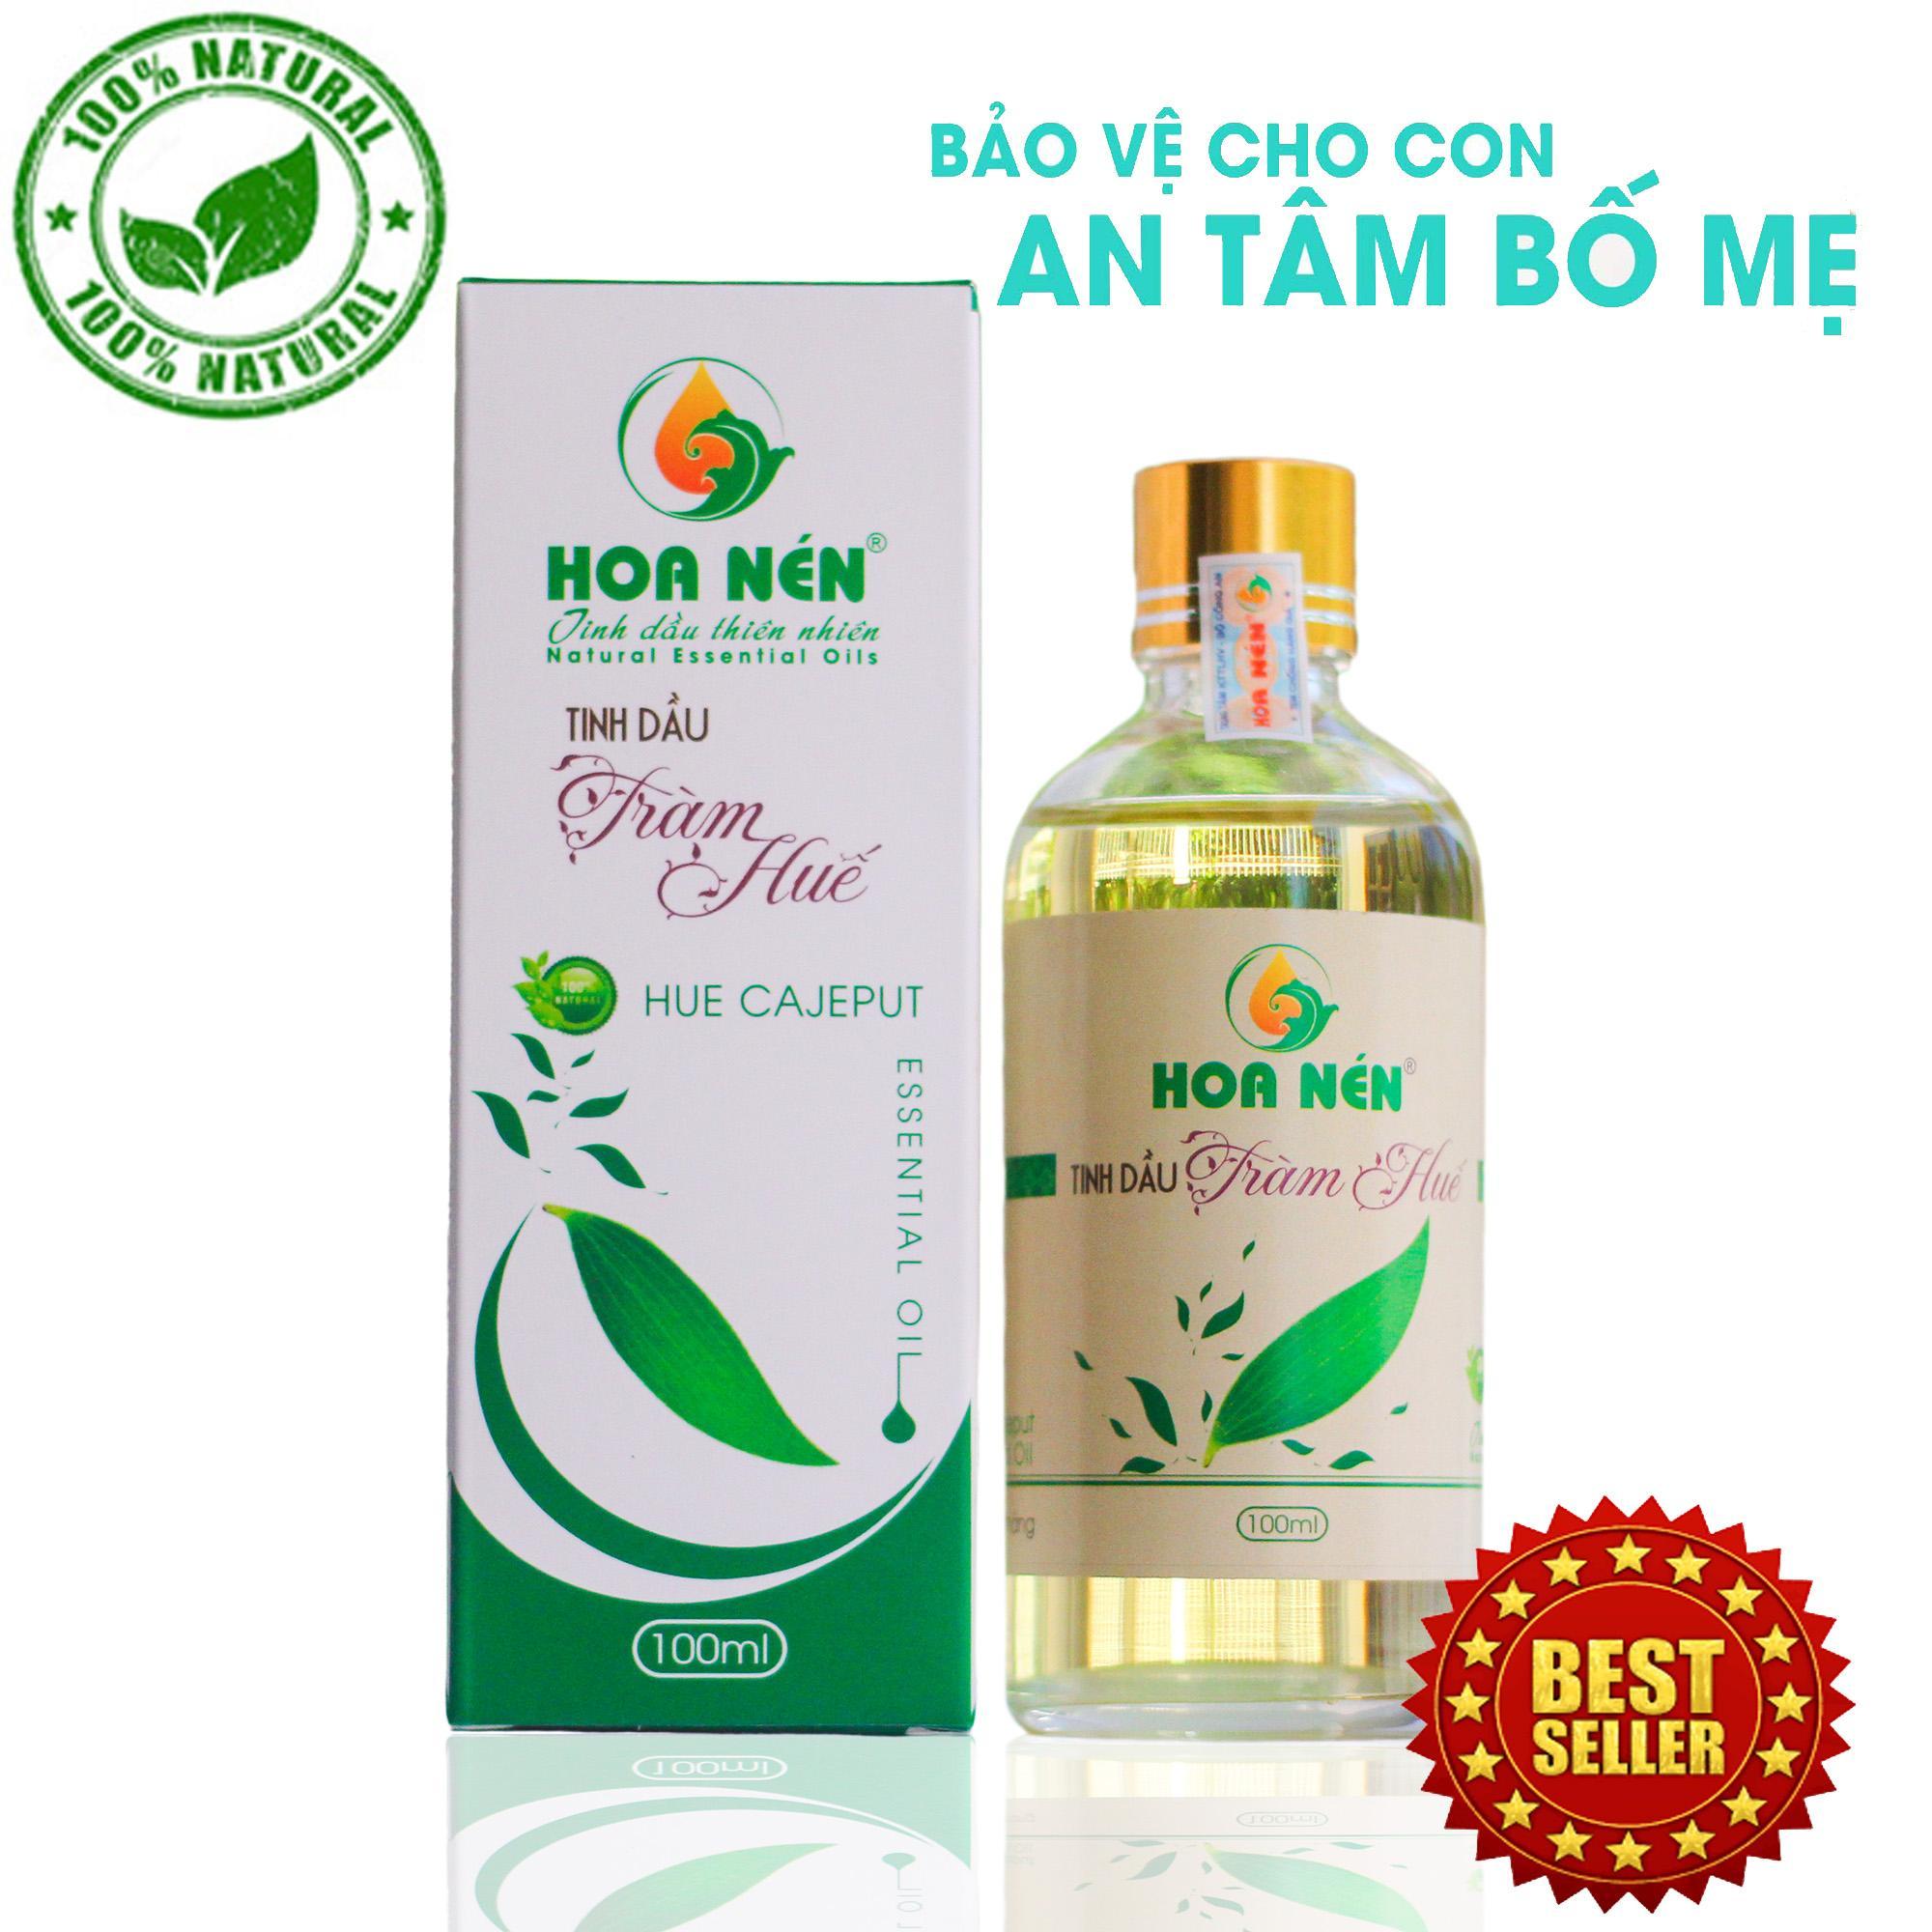 Tinh dầu Tràm Huế ( chai 30ml) tốt nhất